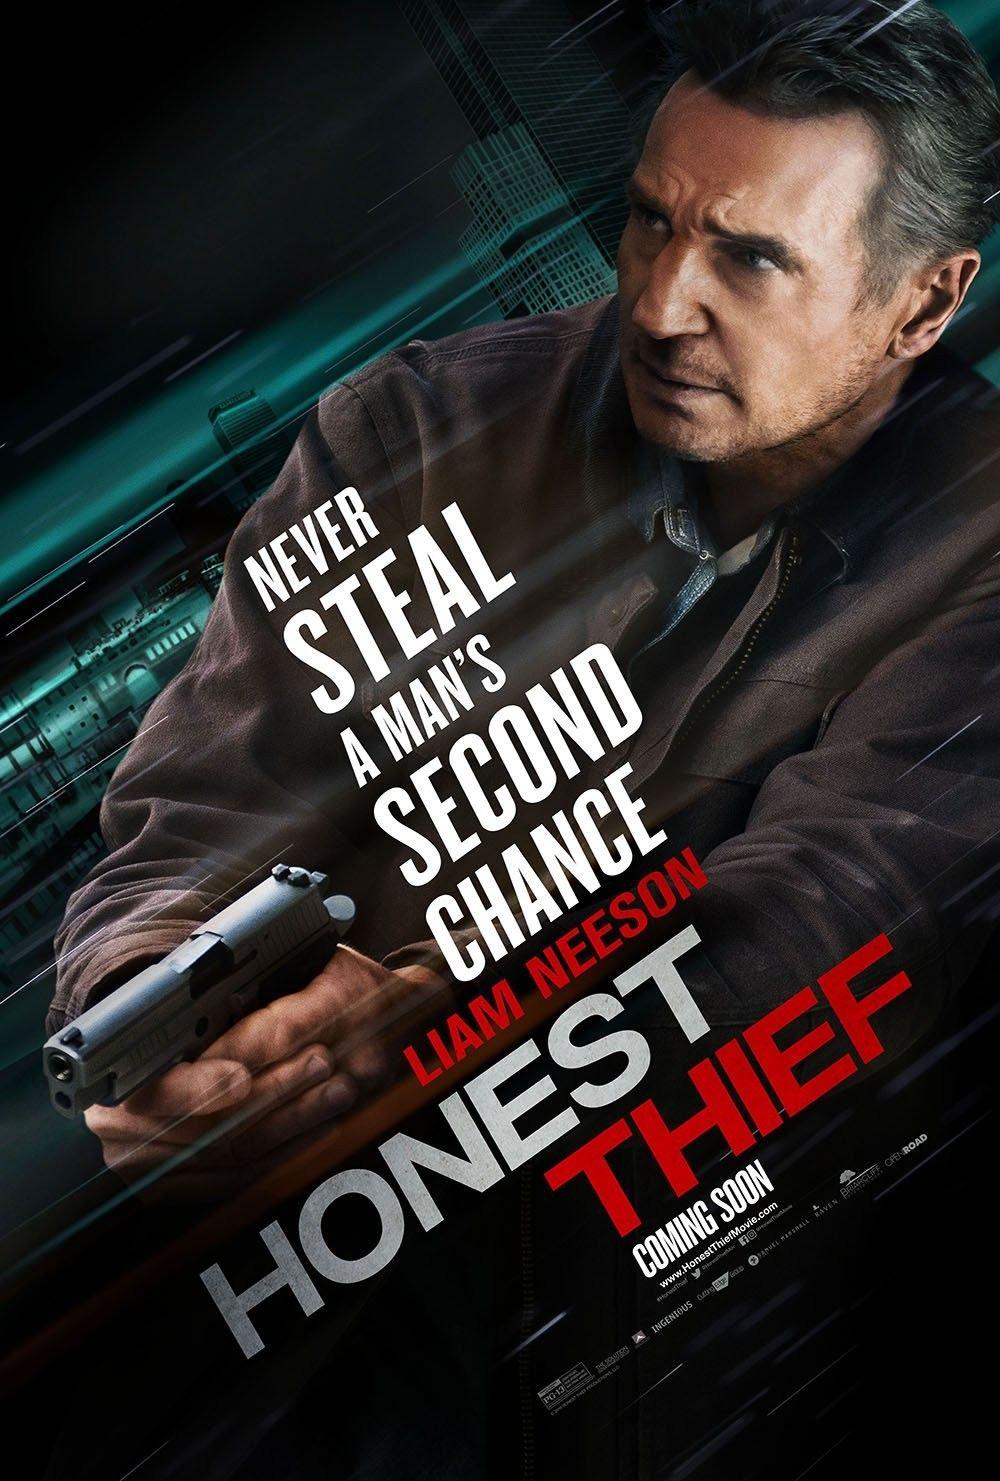 Honestthief Trailer Oficial Liam Neeson Jai Courtney Assistir Filmes Gratis Dublado